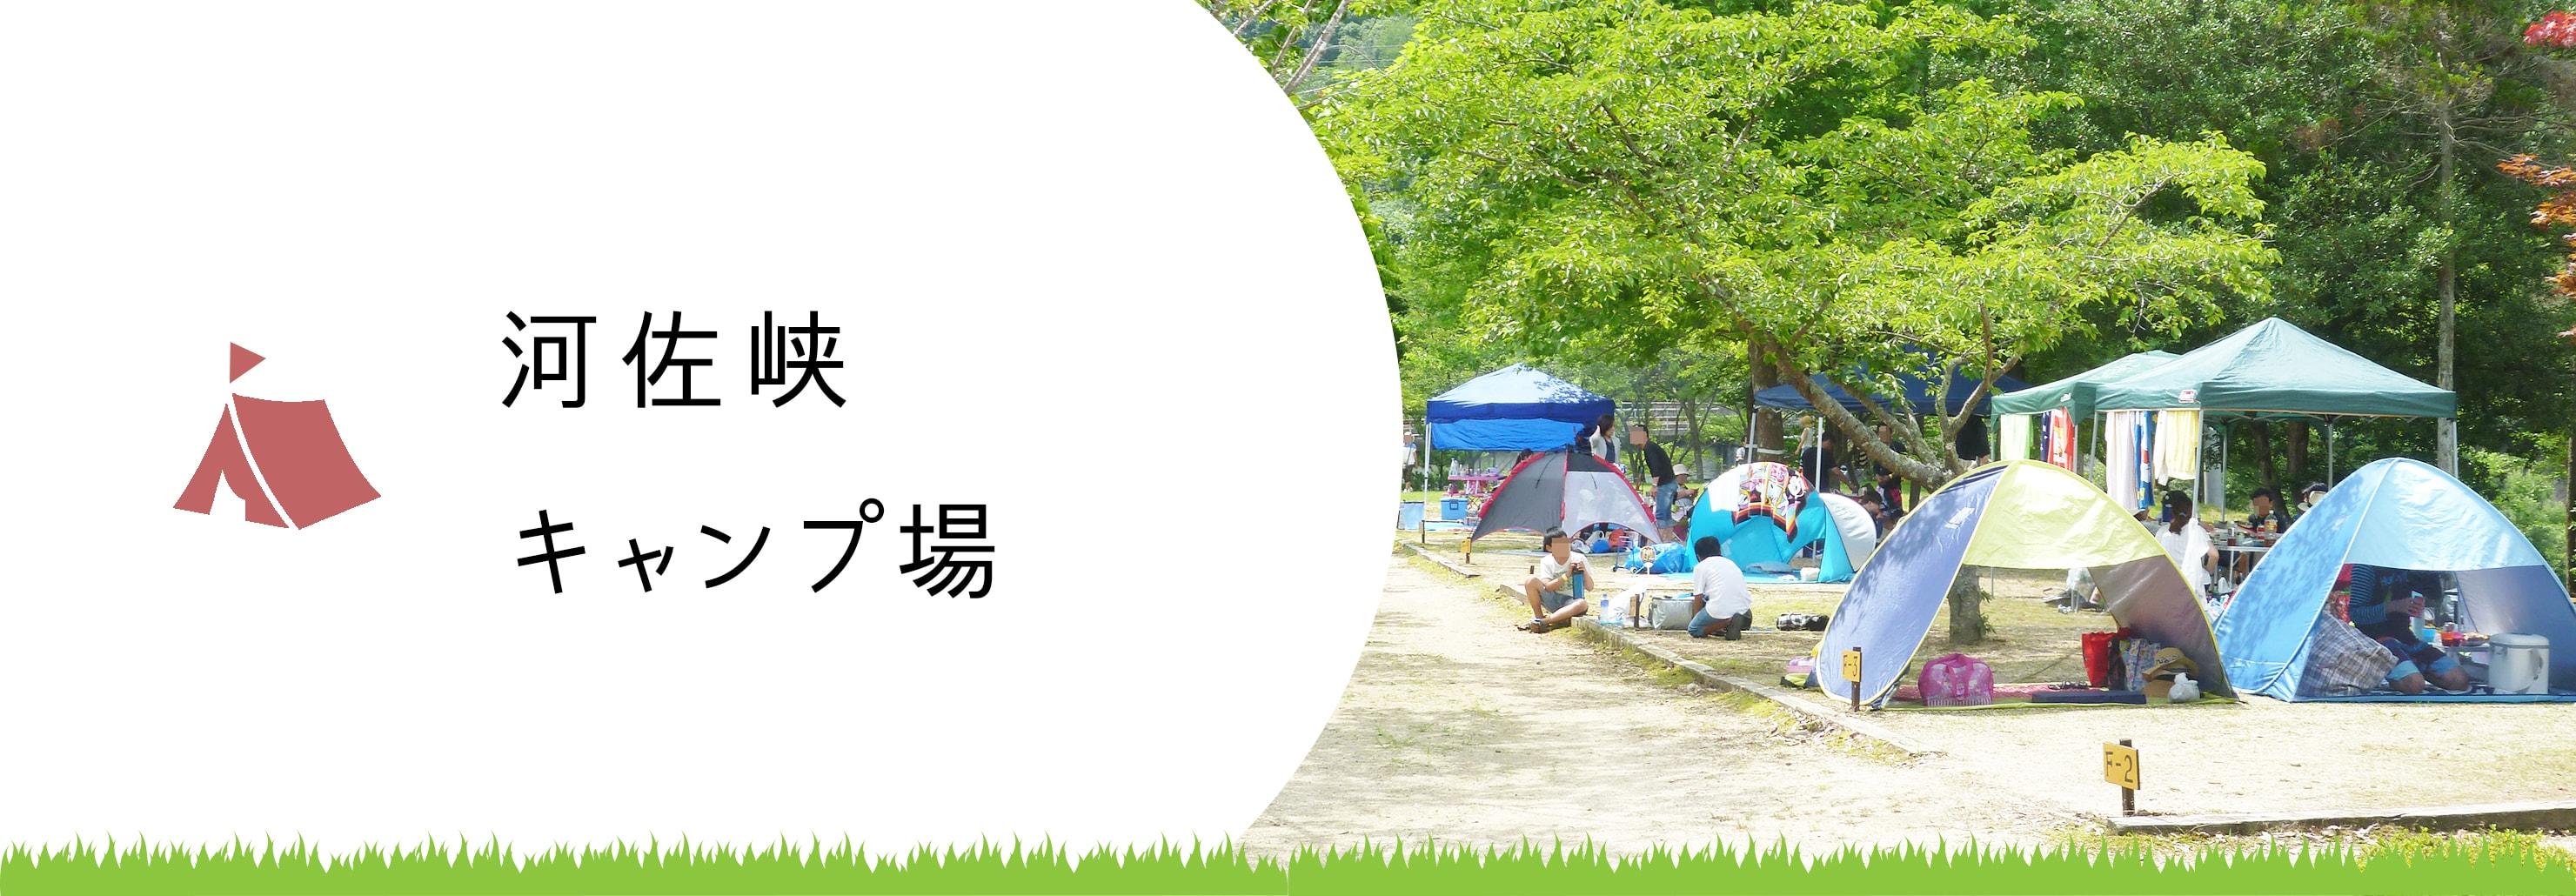 河佐峡キャンプ場